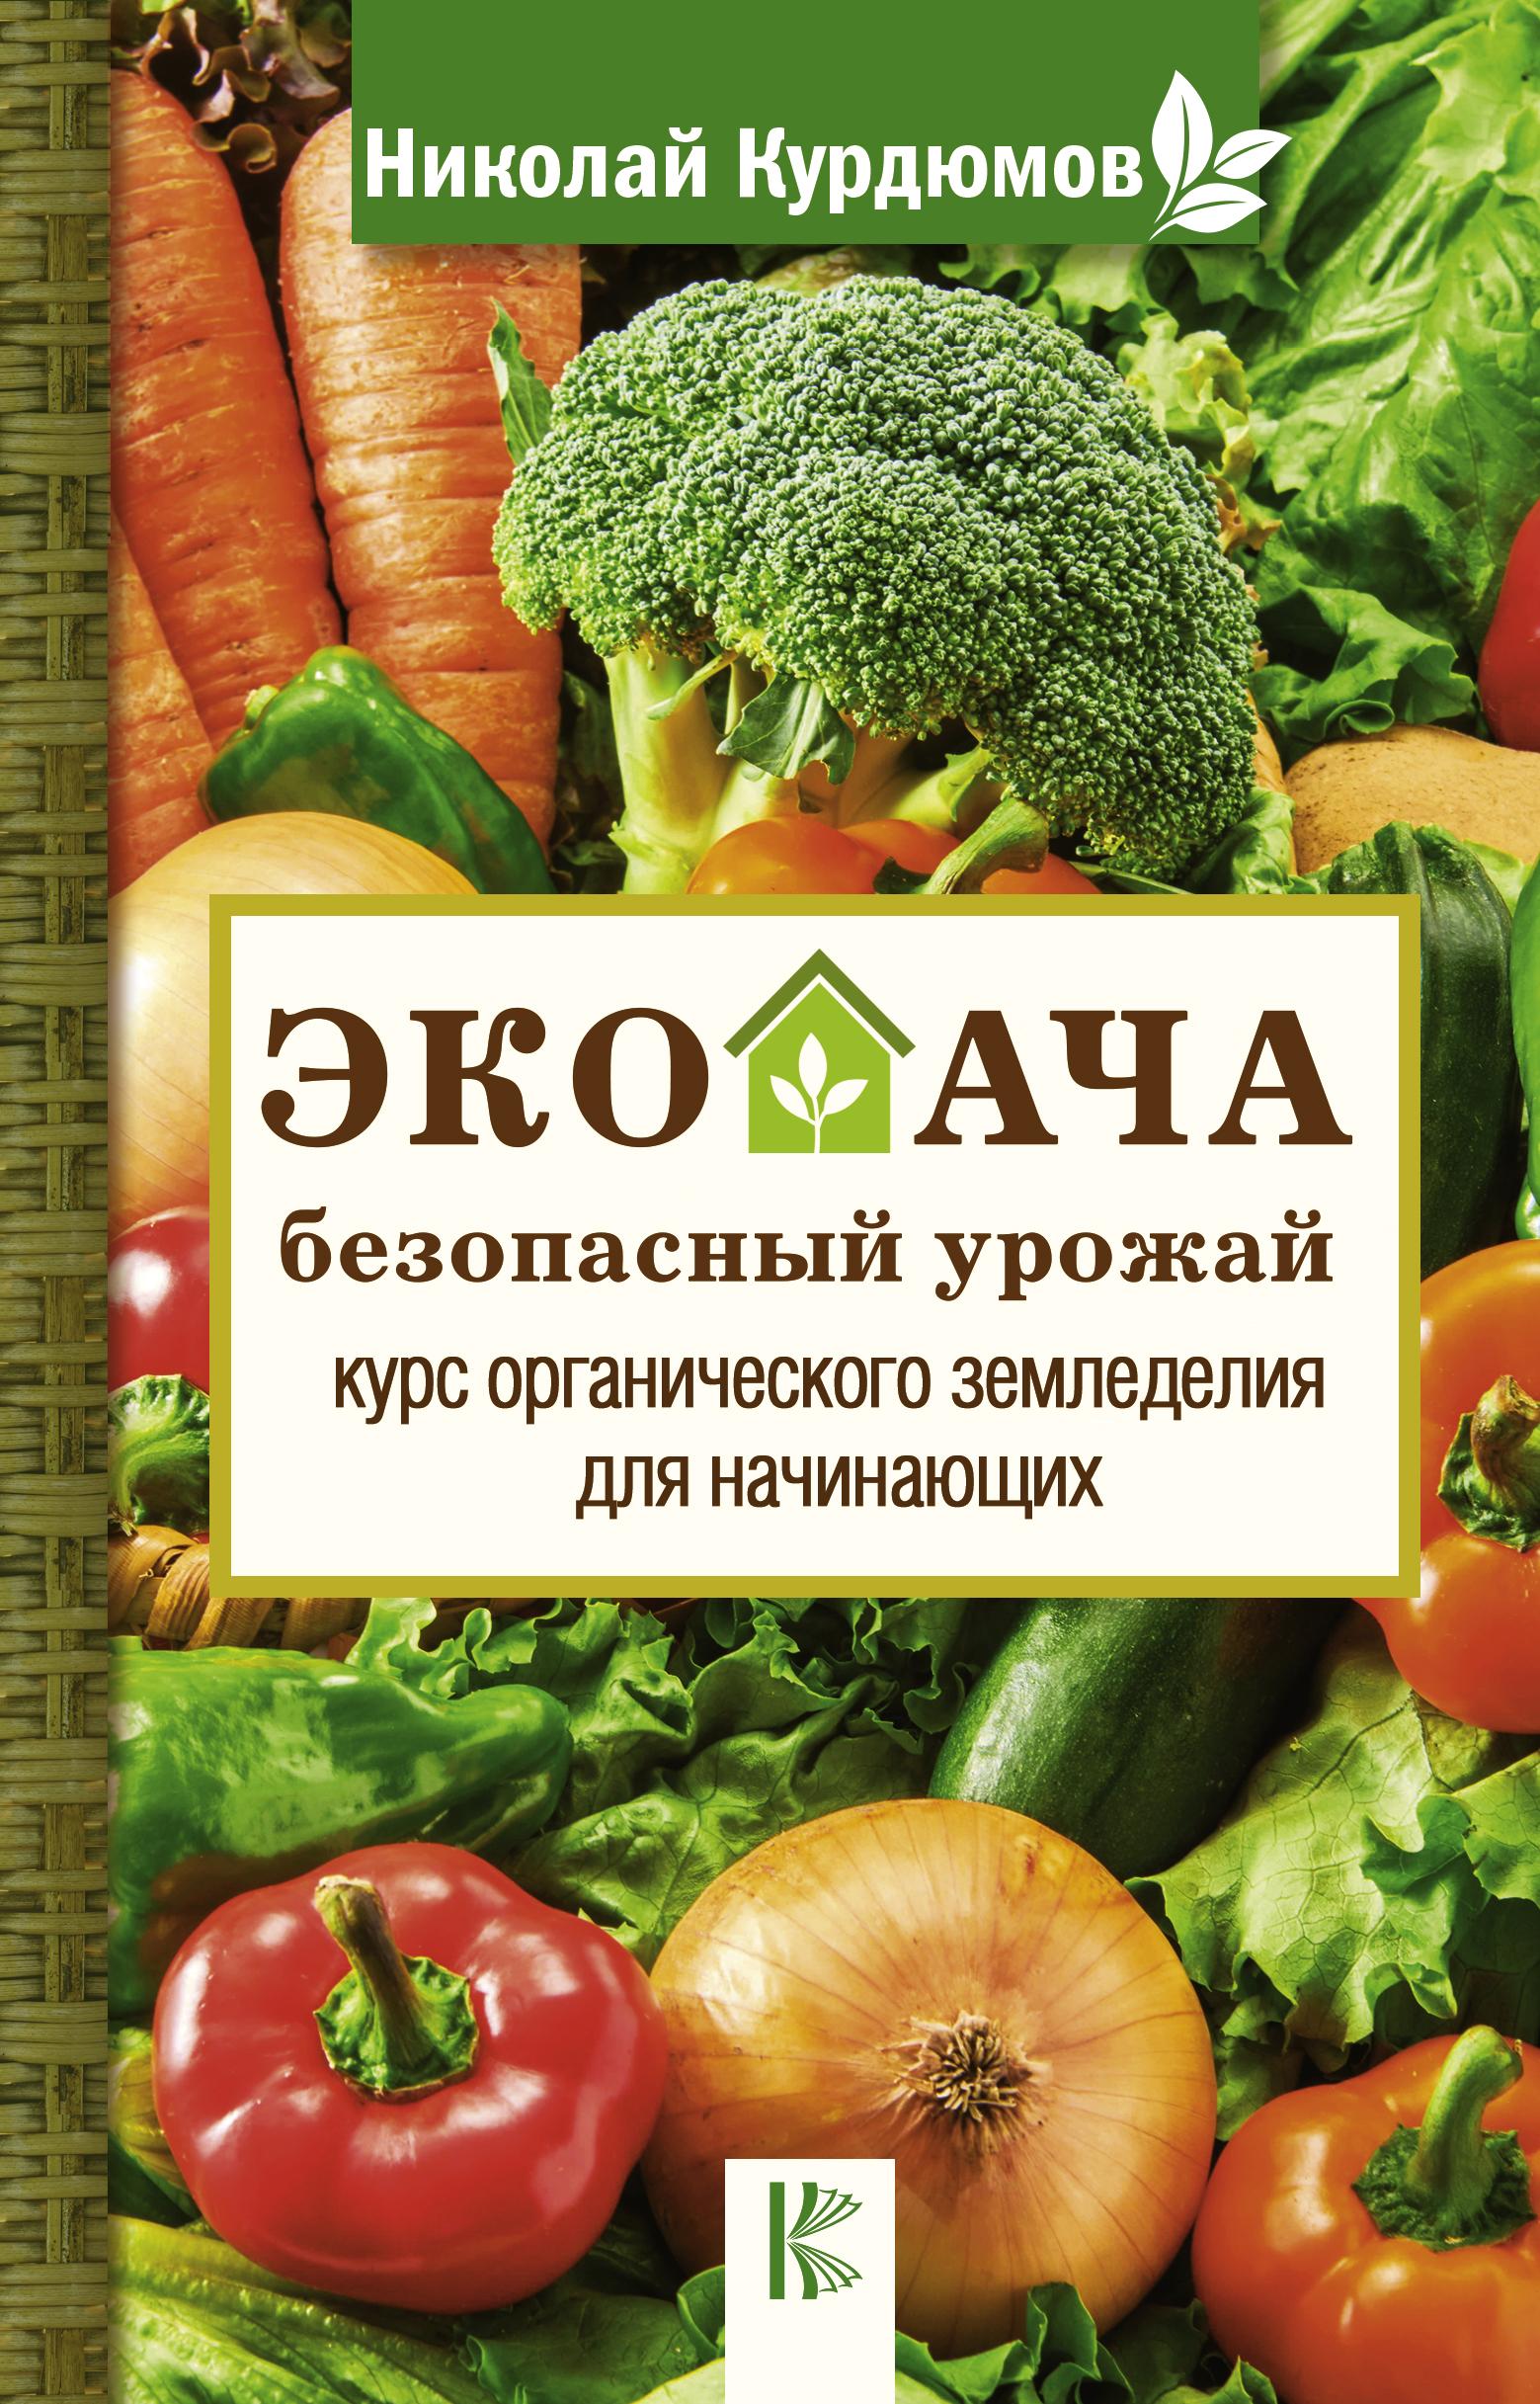 Курдюмов Н.И. Экодача - безопасный урожай. Курс органического земледелия для начинающих николай курдюмов полный курс органического земледелия безопасный урожай